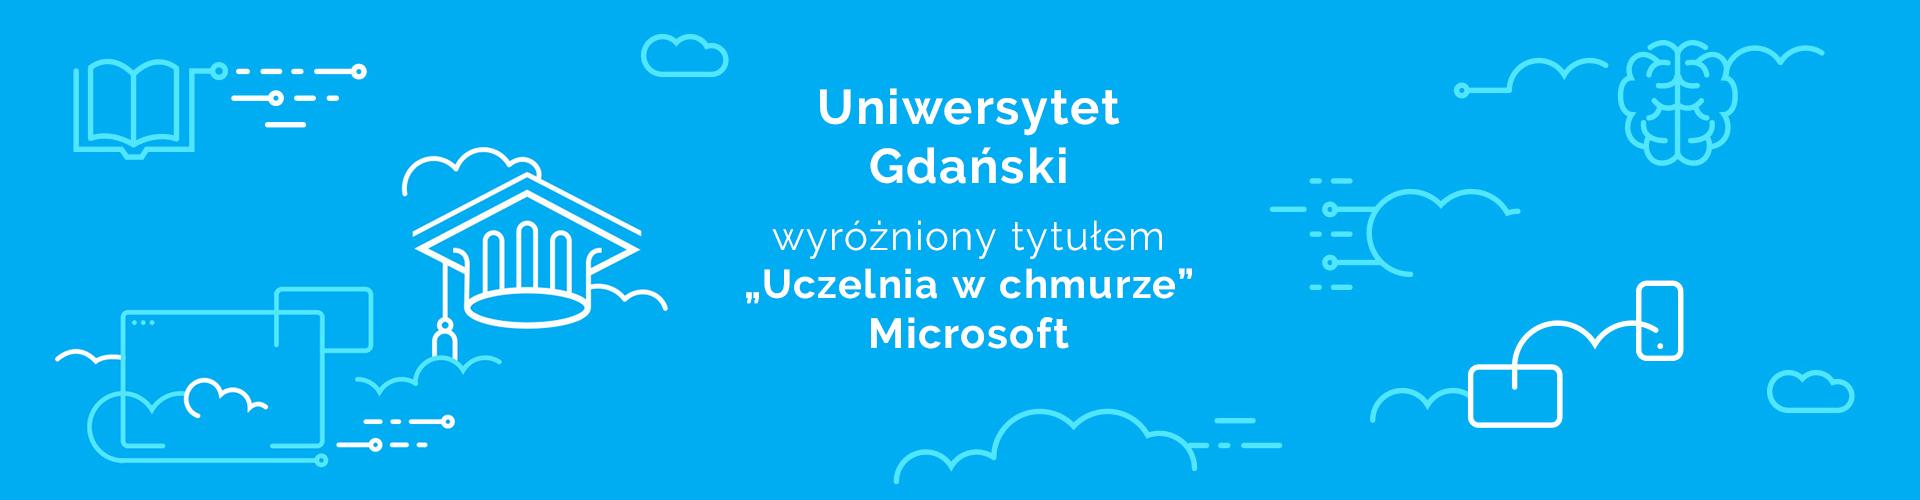 Uniwersytet Gdański z prestiżowym tytułem Uczelnia w chmurze Microsoft